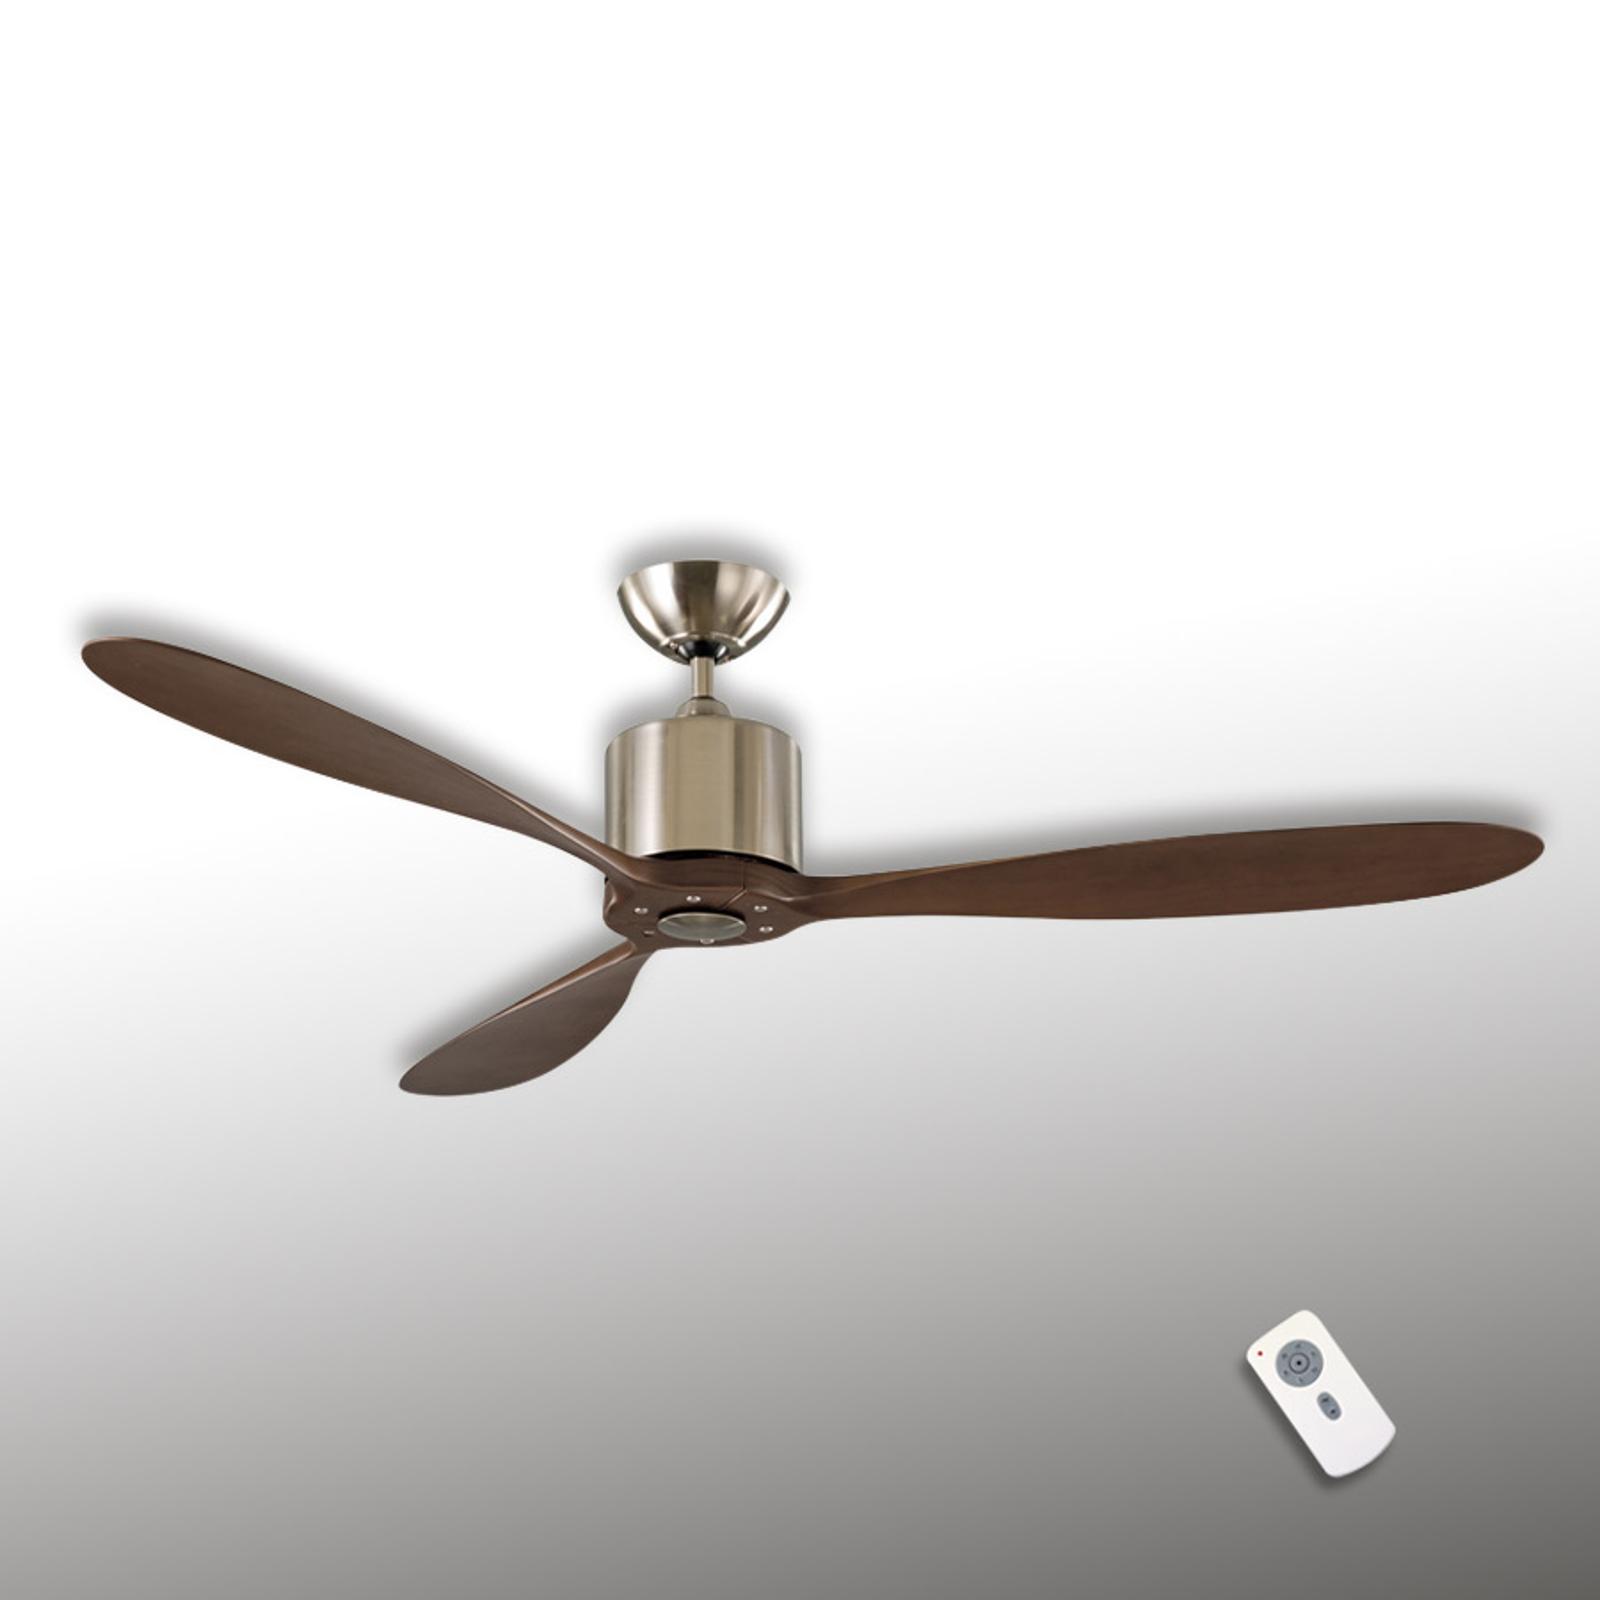 Aeroplan Eco takvifte, krom, nøttetre